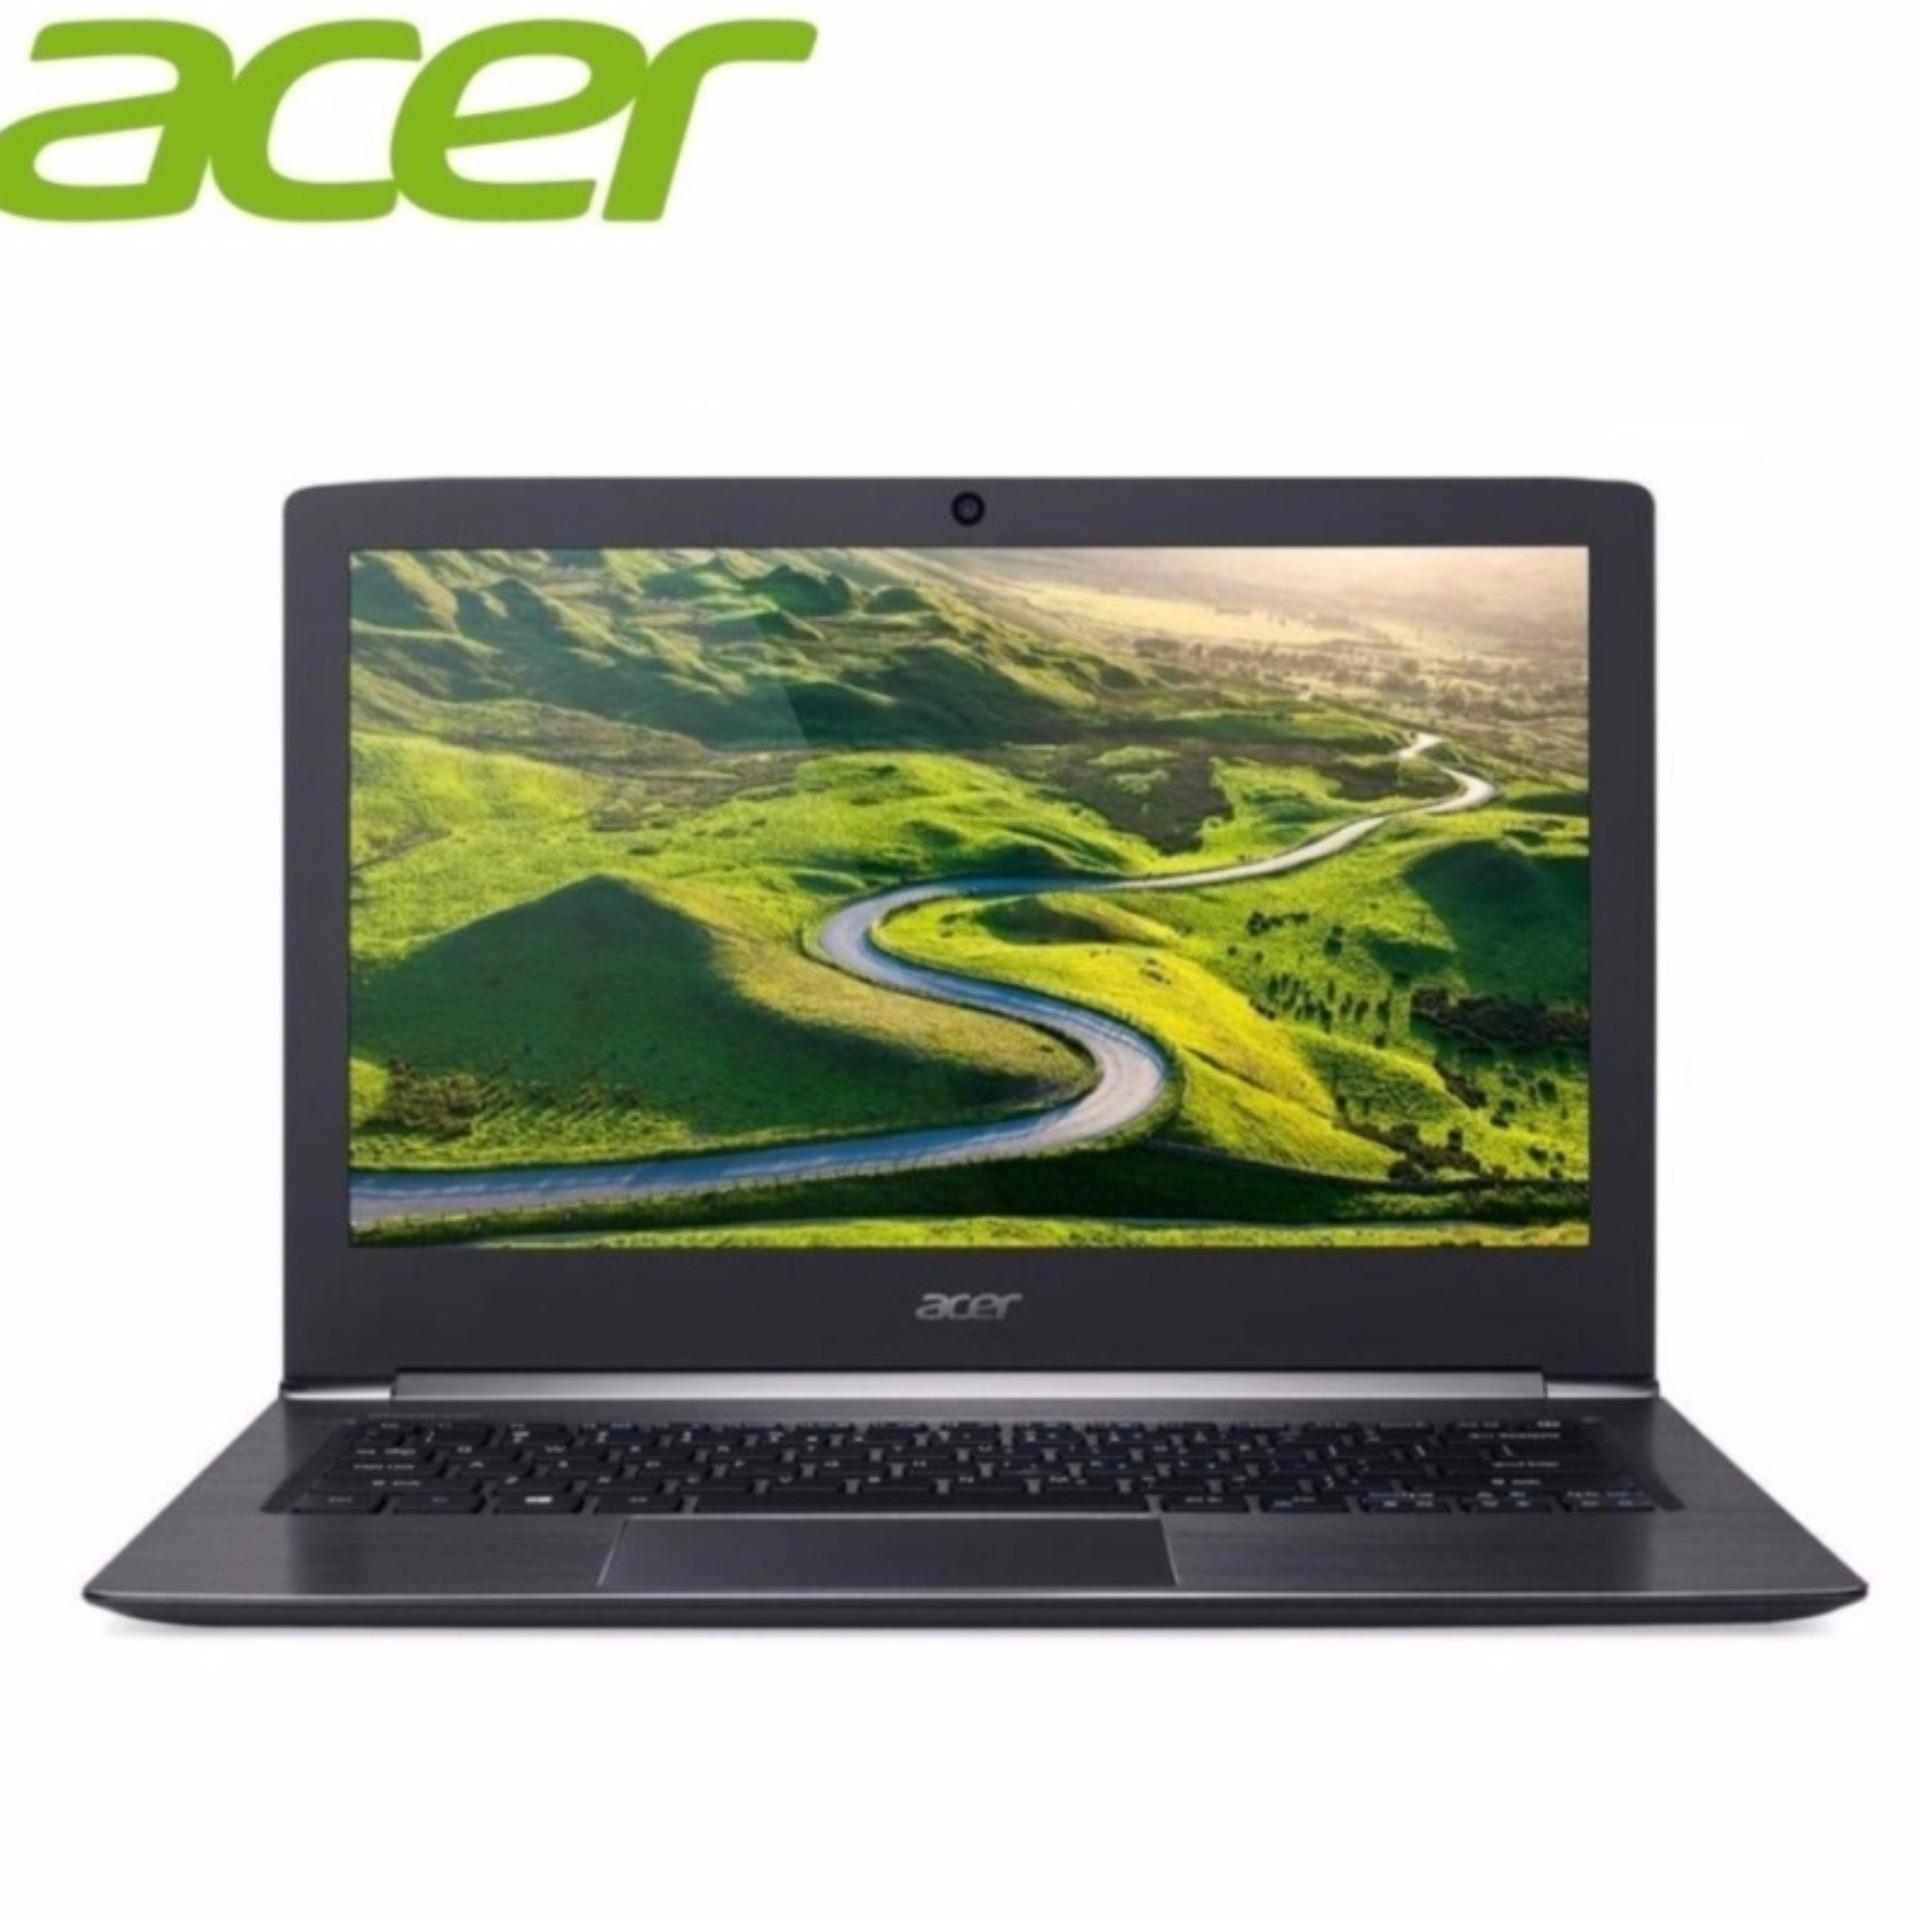 Acer Swift 5 (SF514-51-75AH) – 14″/i7-7500U/8GB DDR4/512GB SSD/Intel/W10 (Black)